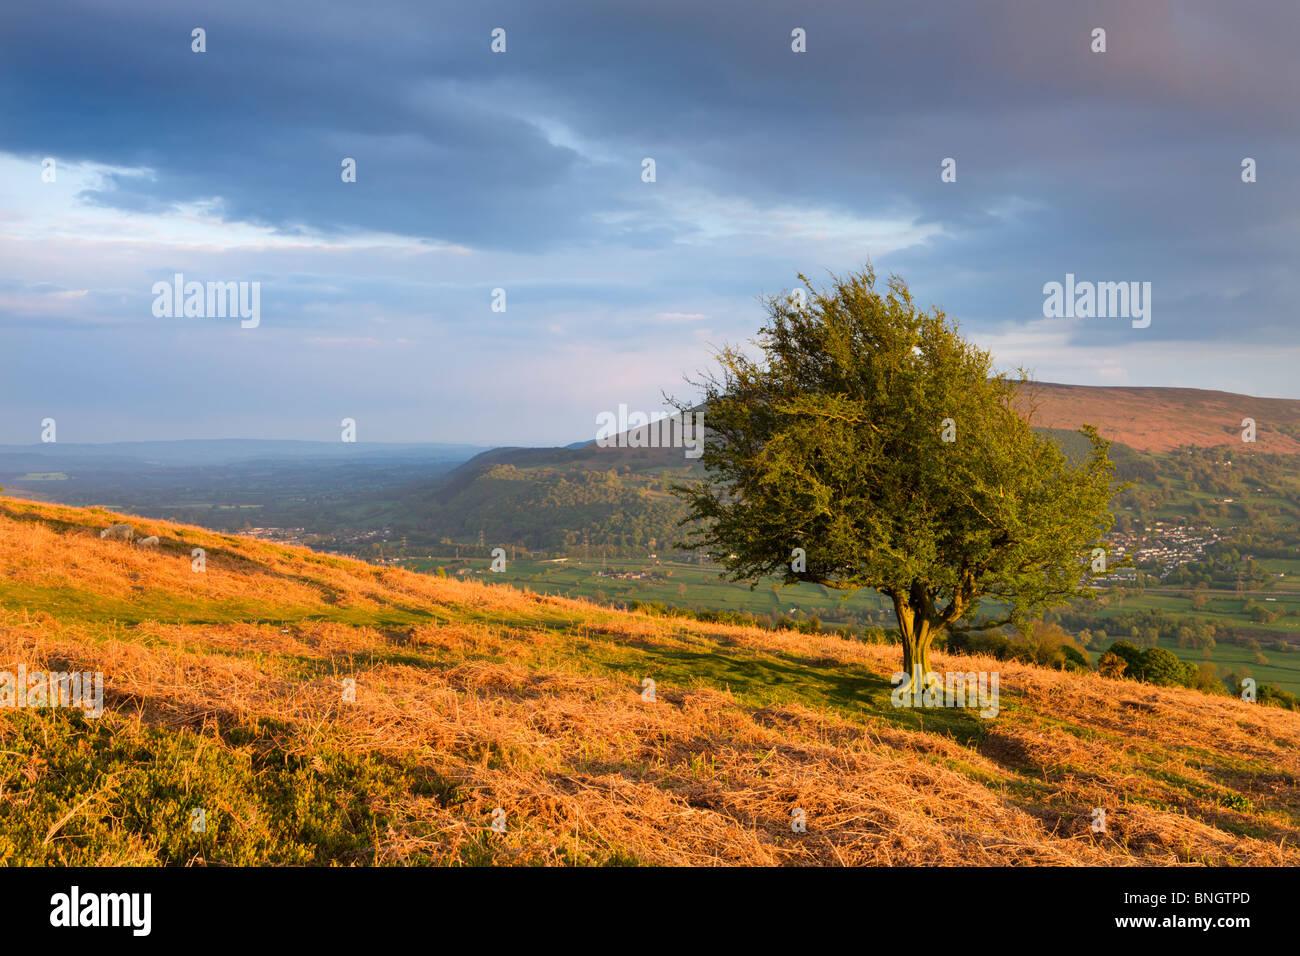 Weißdorn-Baum und Usk Valley in der Nähe von Abergavenny von den Hängen des Sugar Loaf Mountain, Stockbild